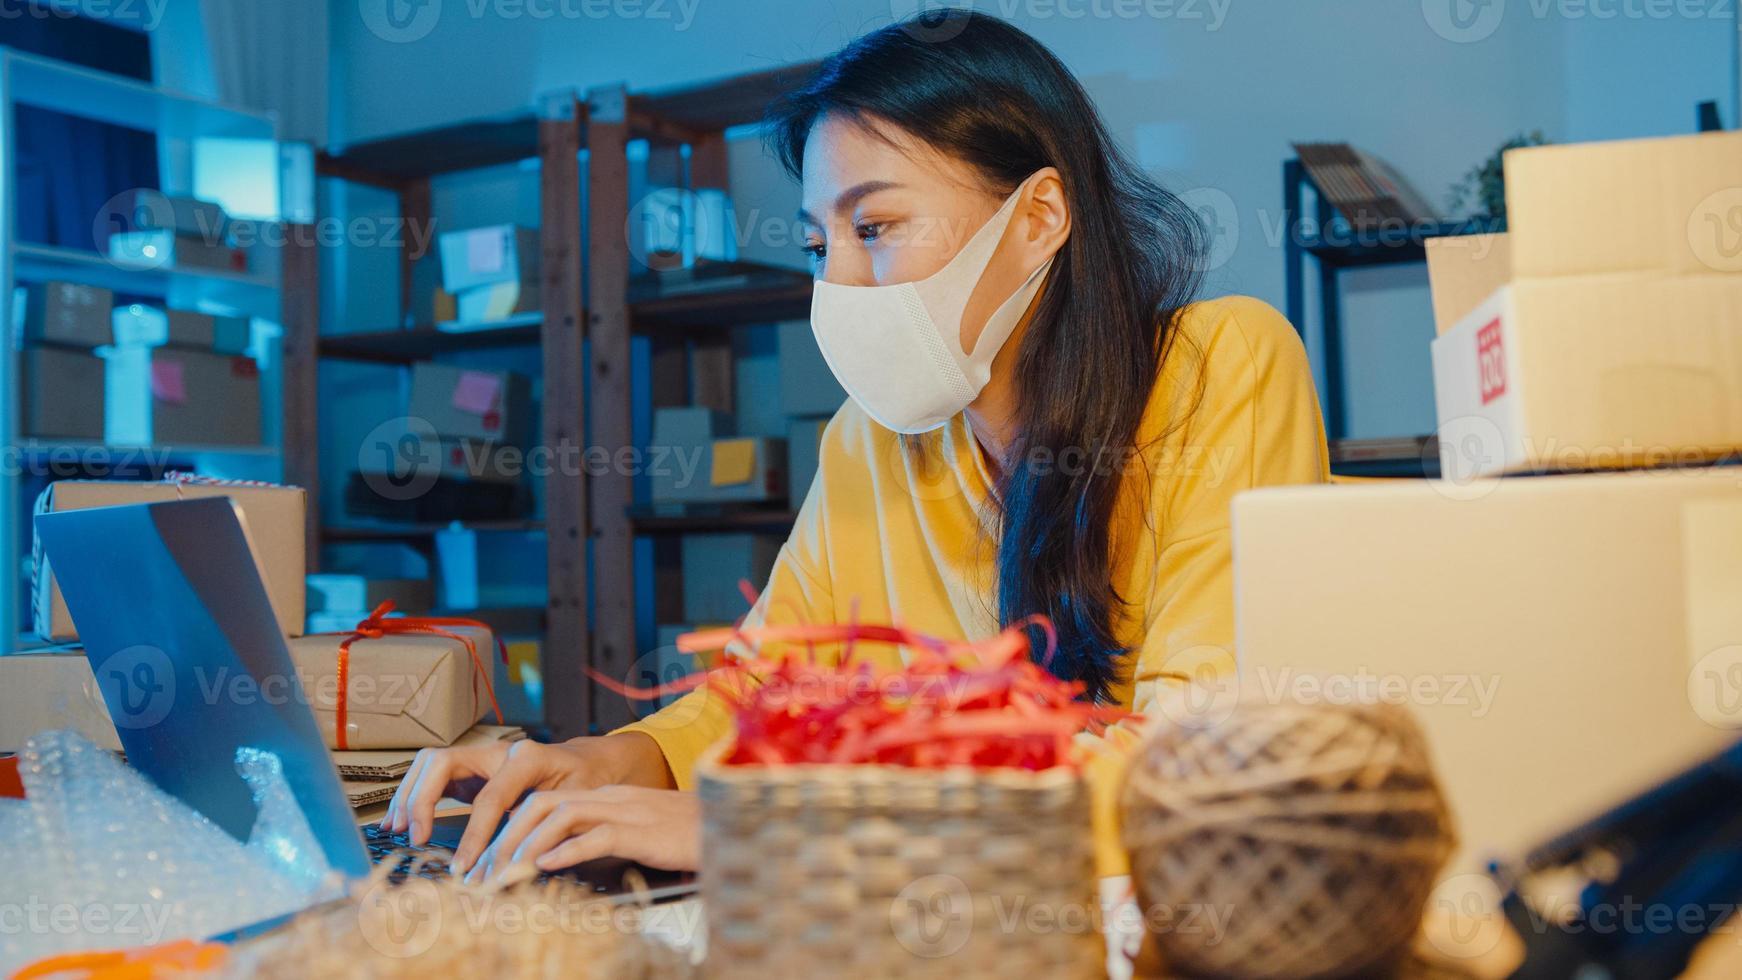 ung asiatisk affärskvinna bära ansiktsmask kontrollera inköpsorder och svara klient inkorg chatt på bärbar dator på hemmakontor på natten. småföretagare, onlinemarknadsleverans, livsstil frilansande koncept. foto